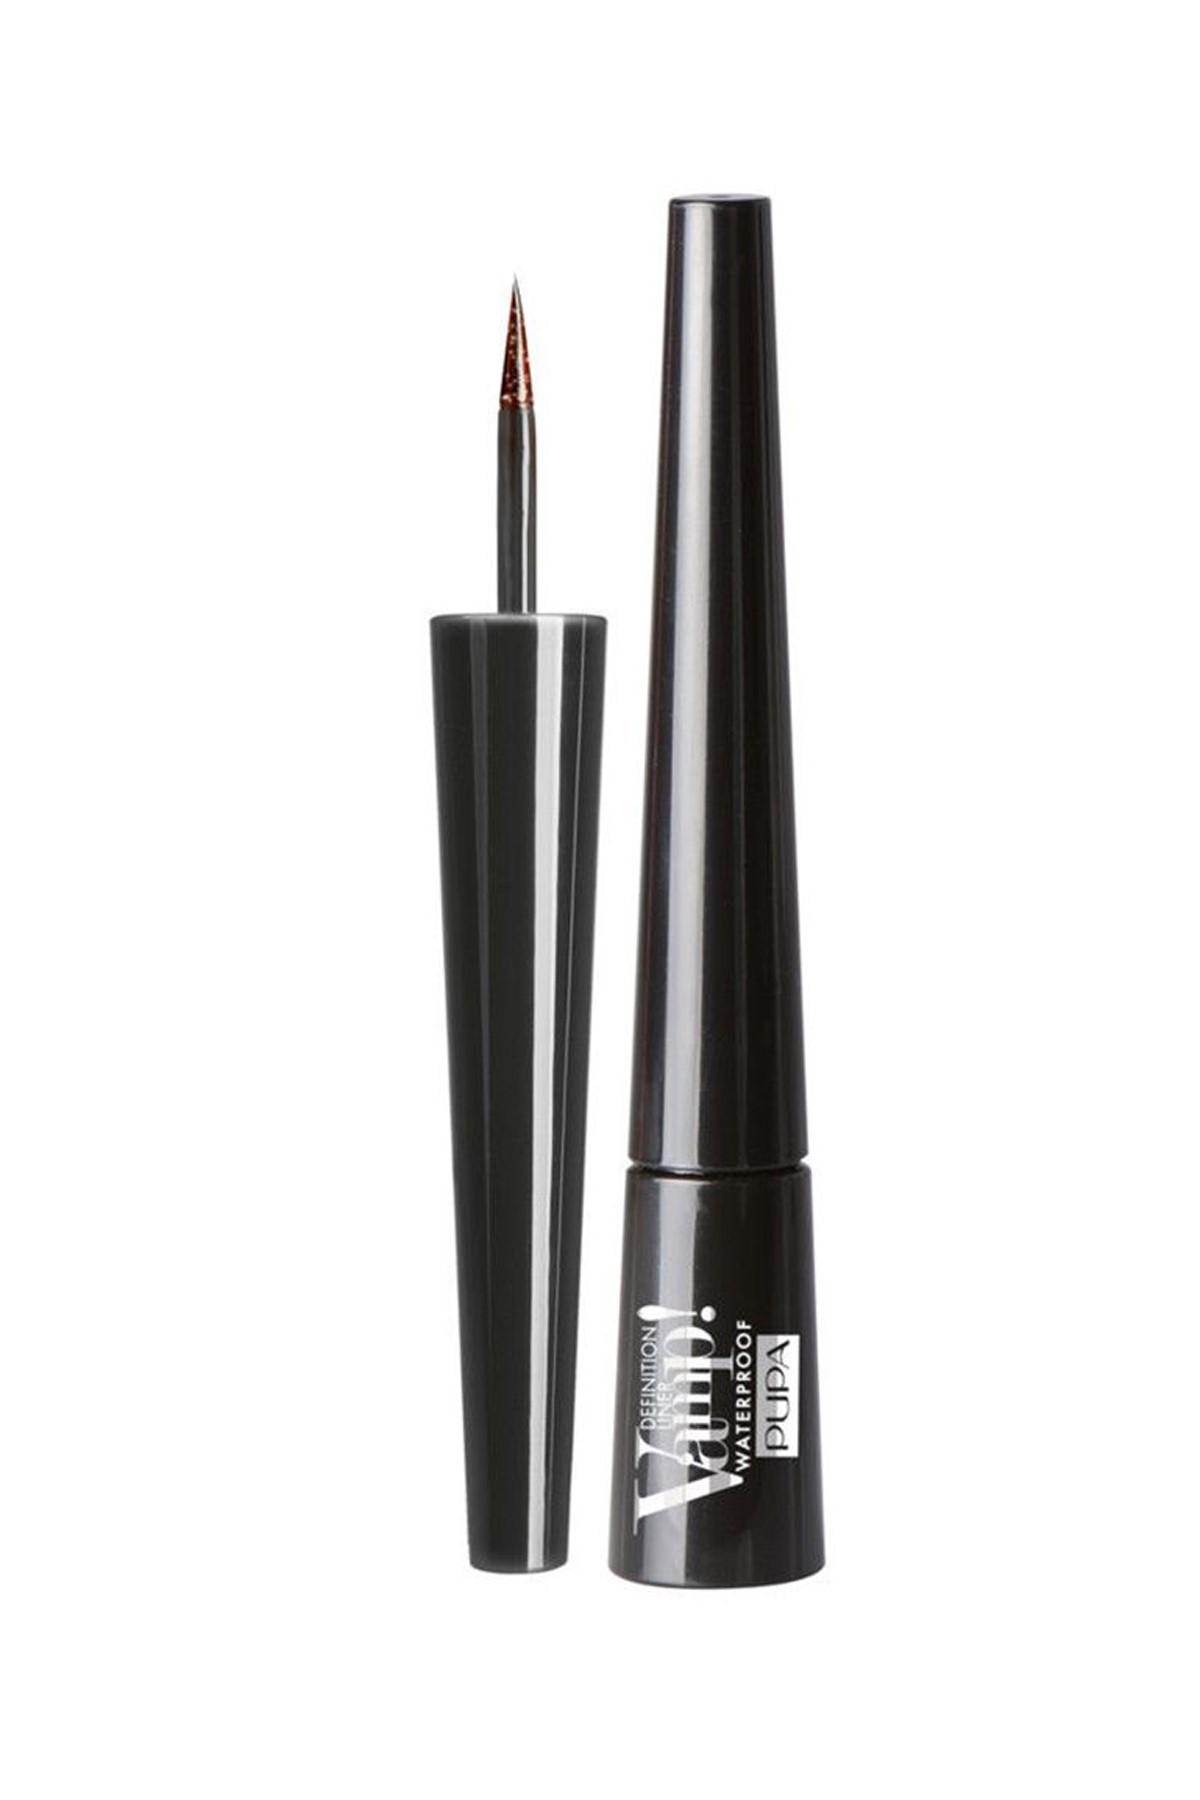 Pupa Milano Suya Dayanıklı Eyeliner - Vamp Definition Liner Waterproof No: 001 2.5 ml 8011607228966 1